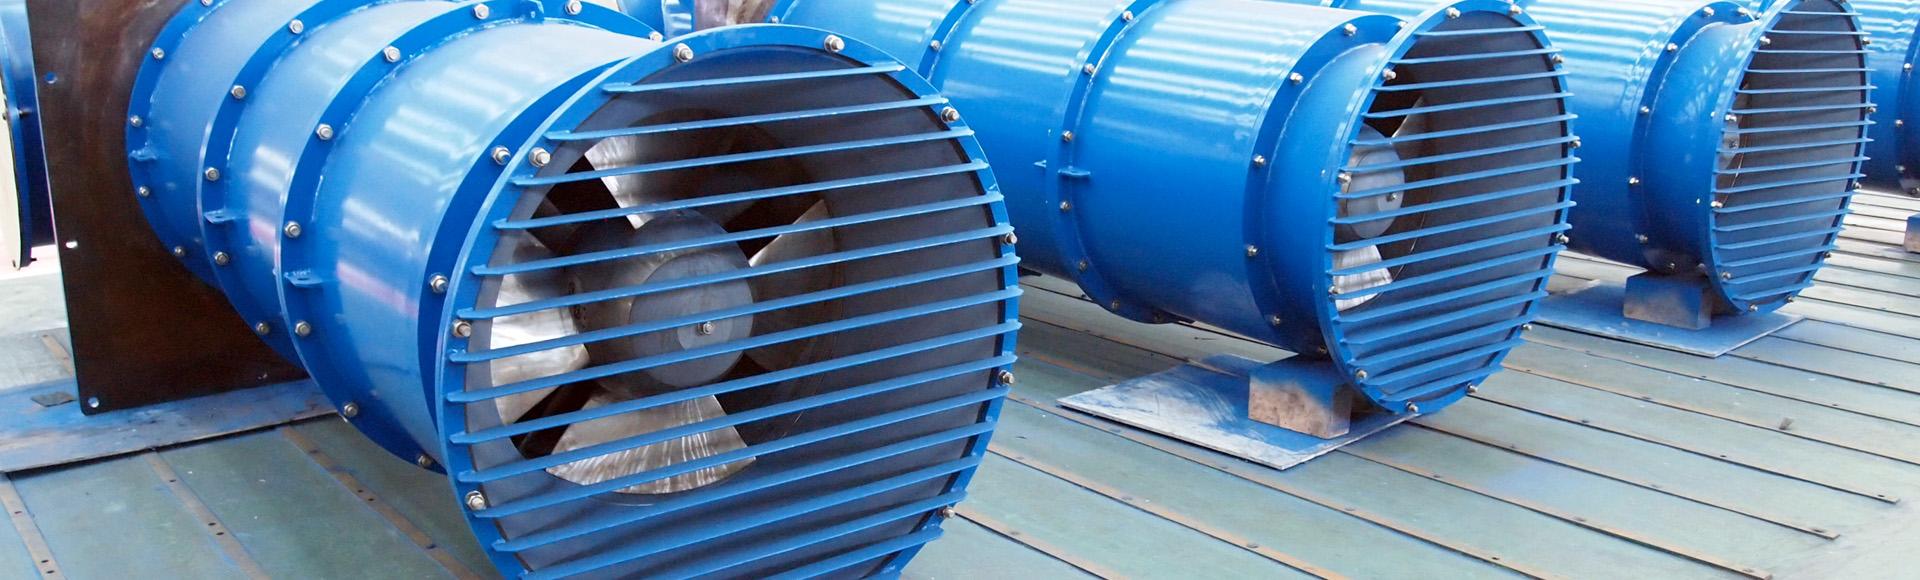 GloTech Pump Solutions